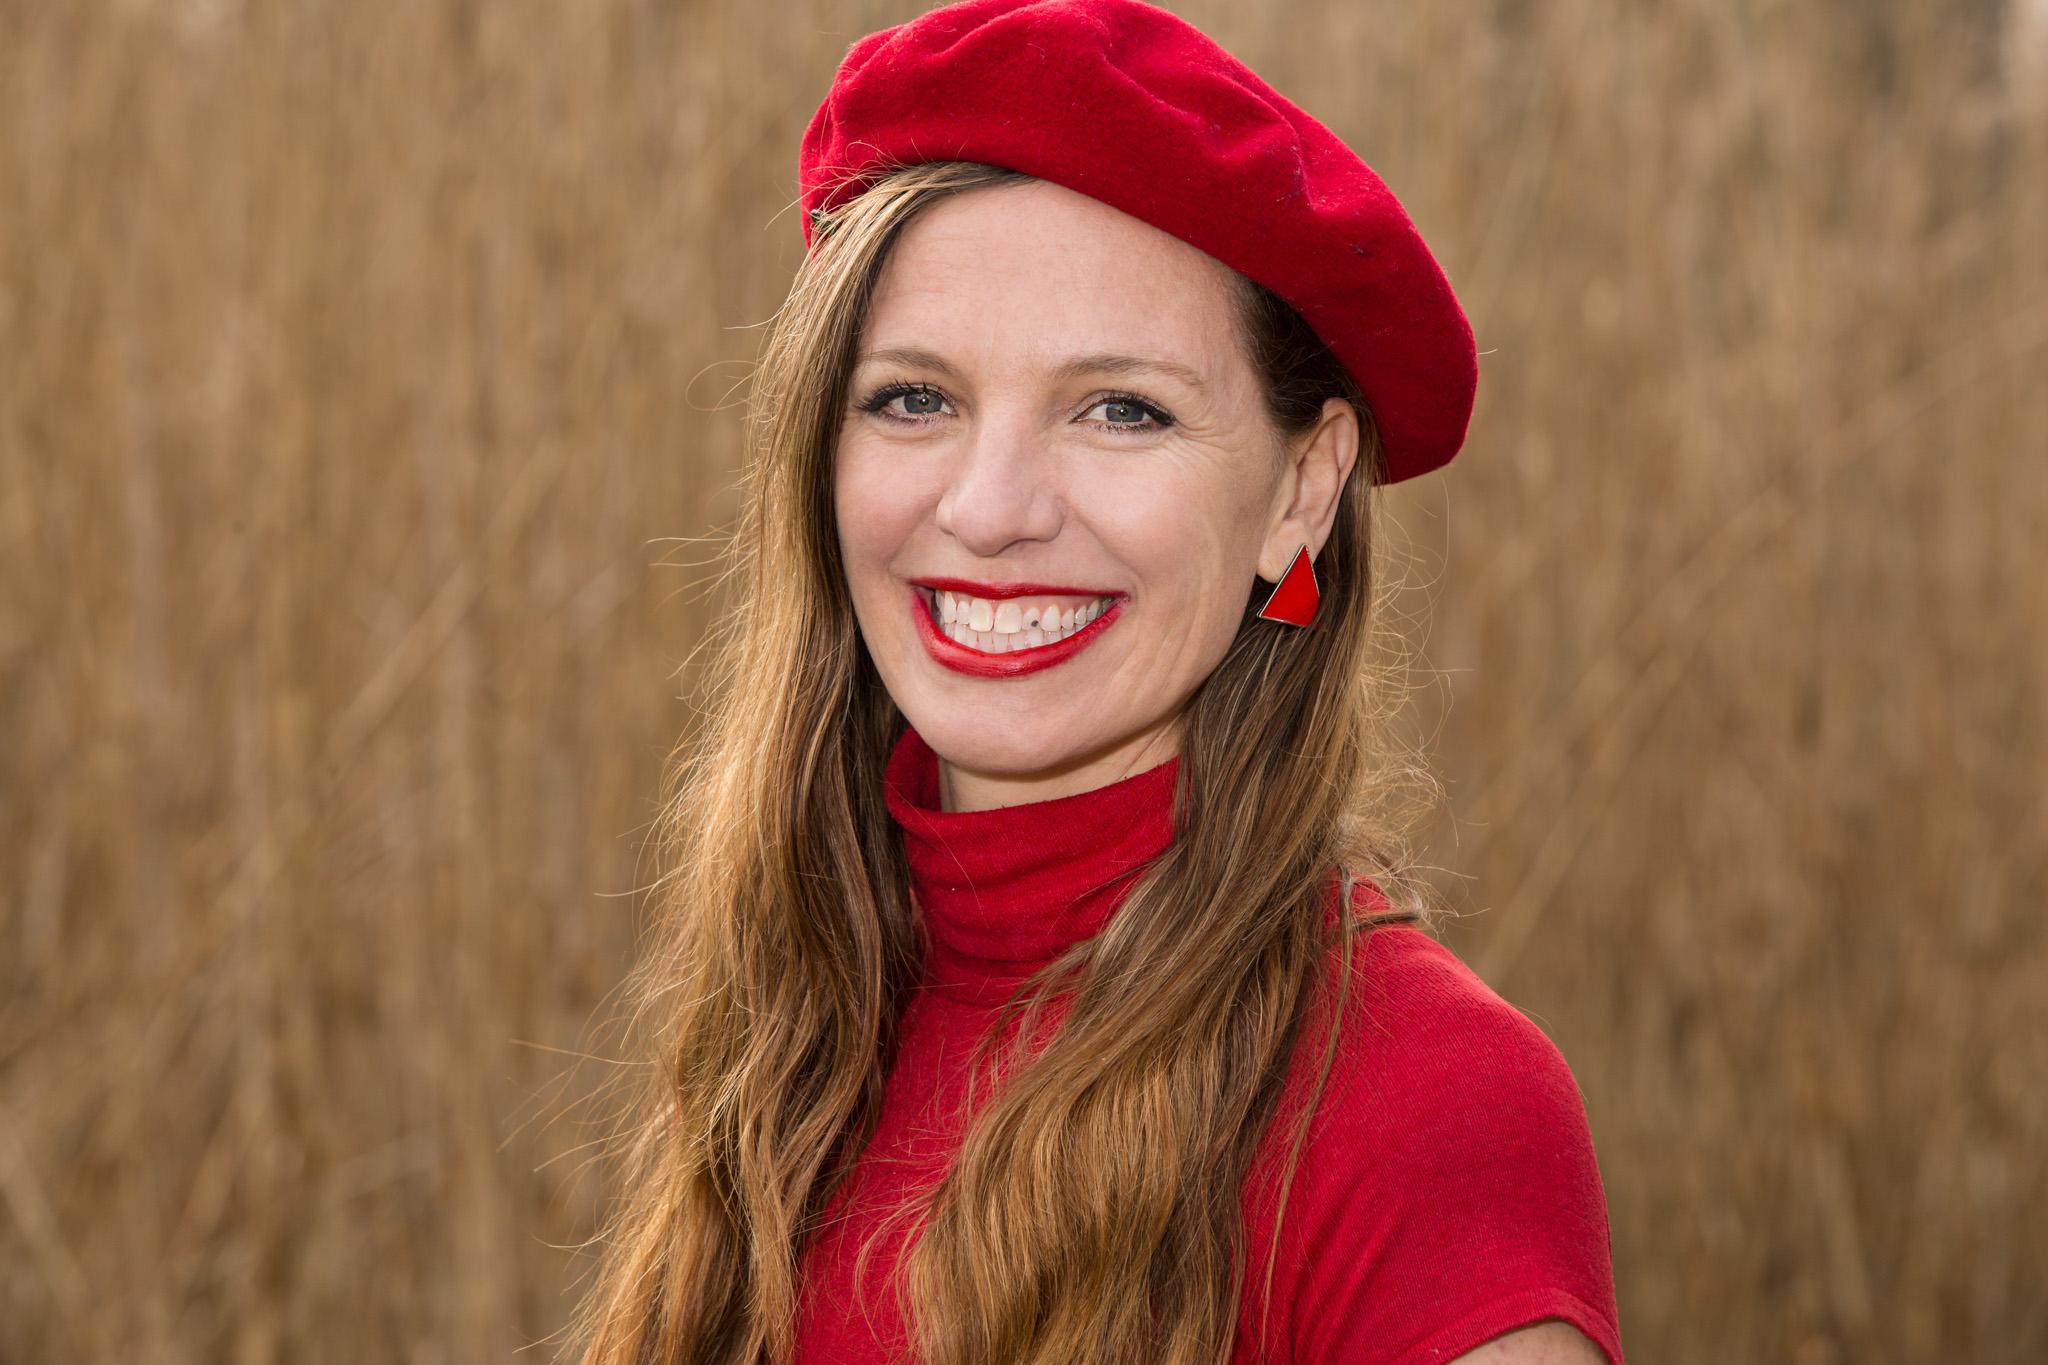 portretfotografie portretfotograaf amsterdam